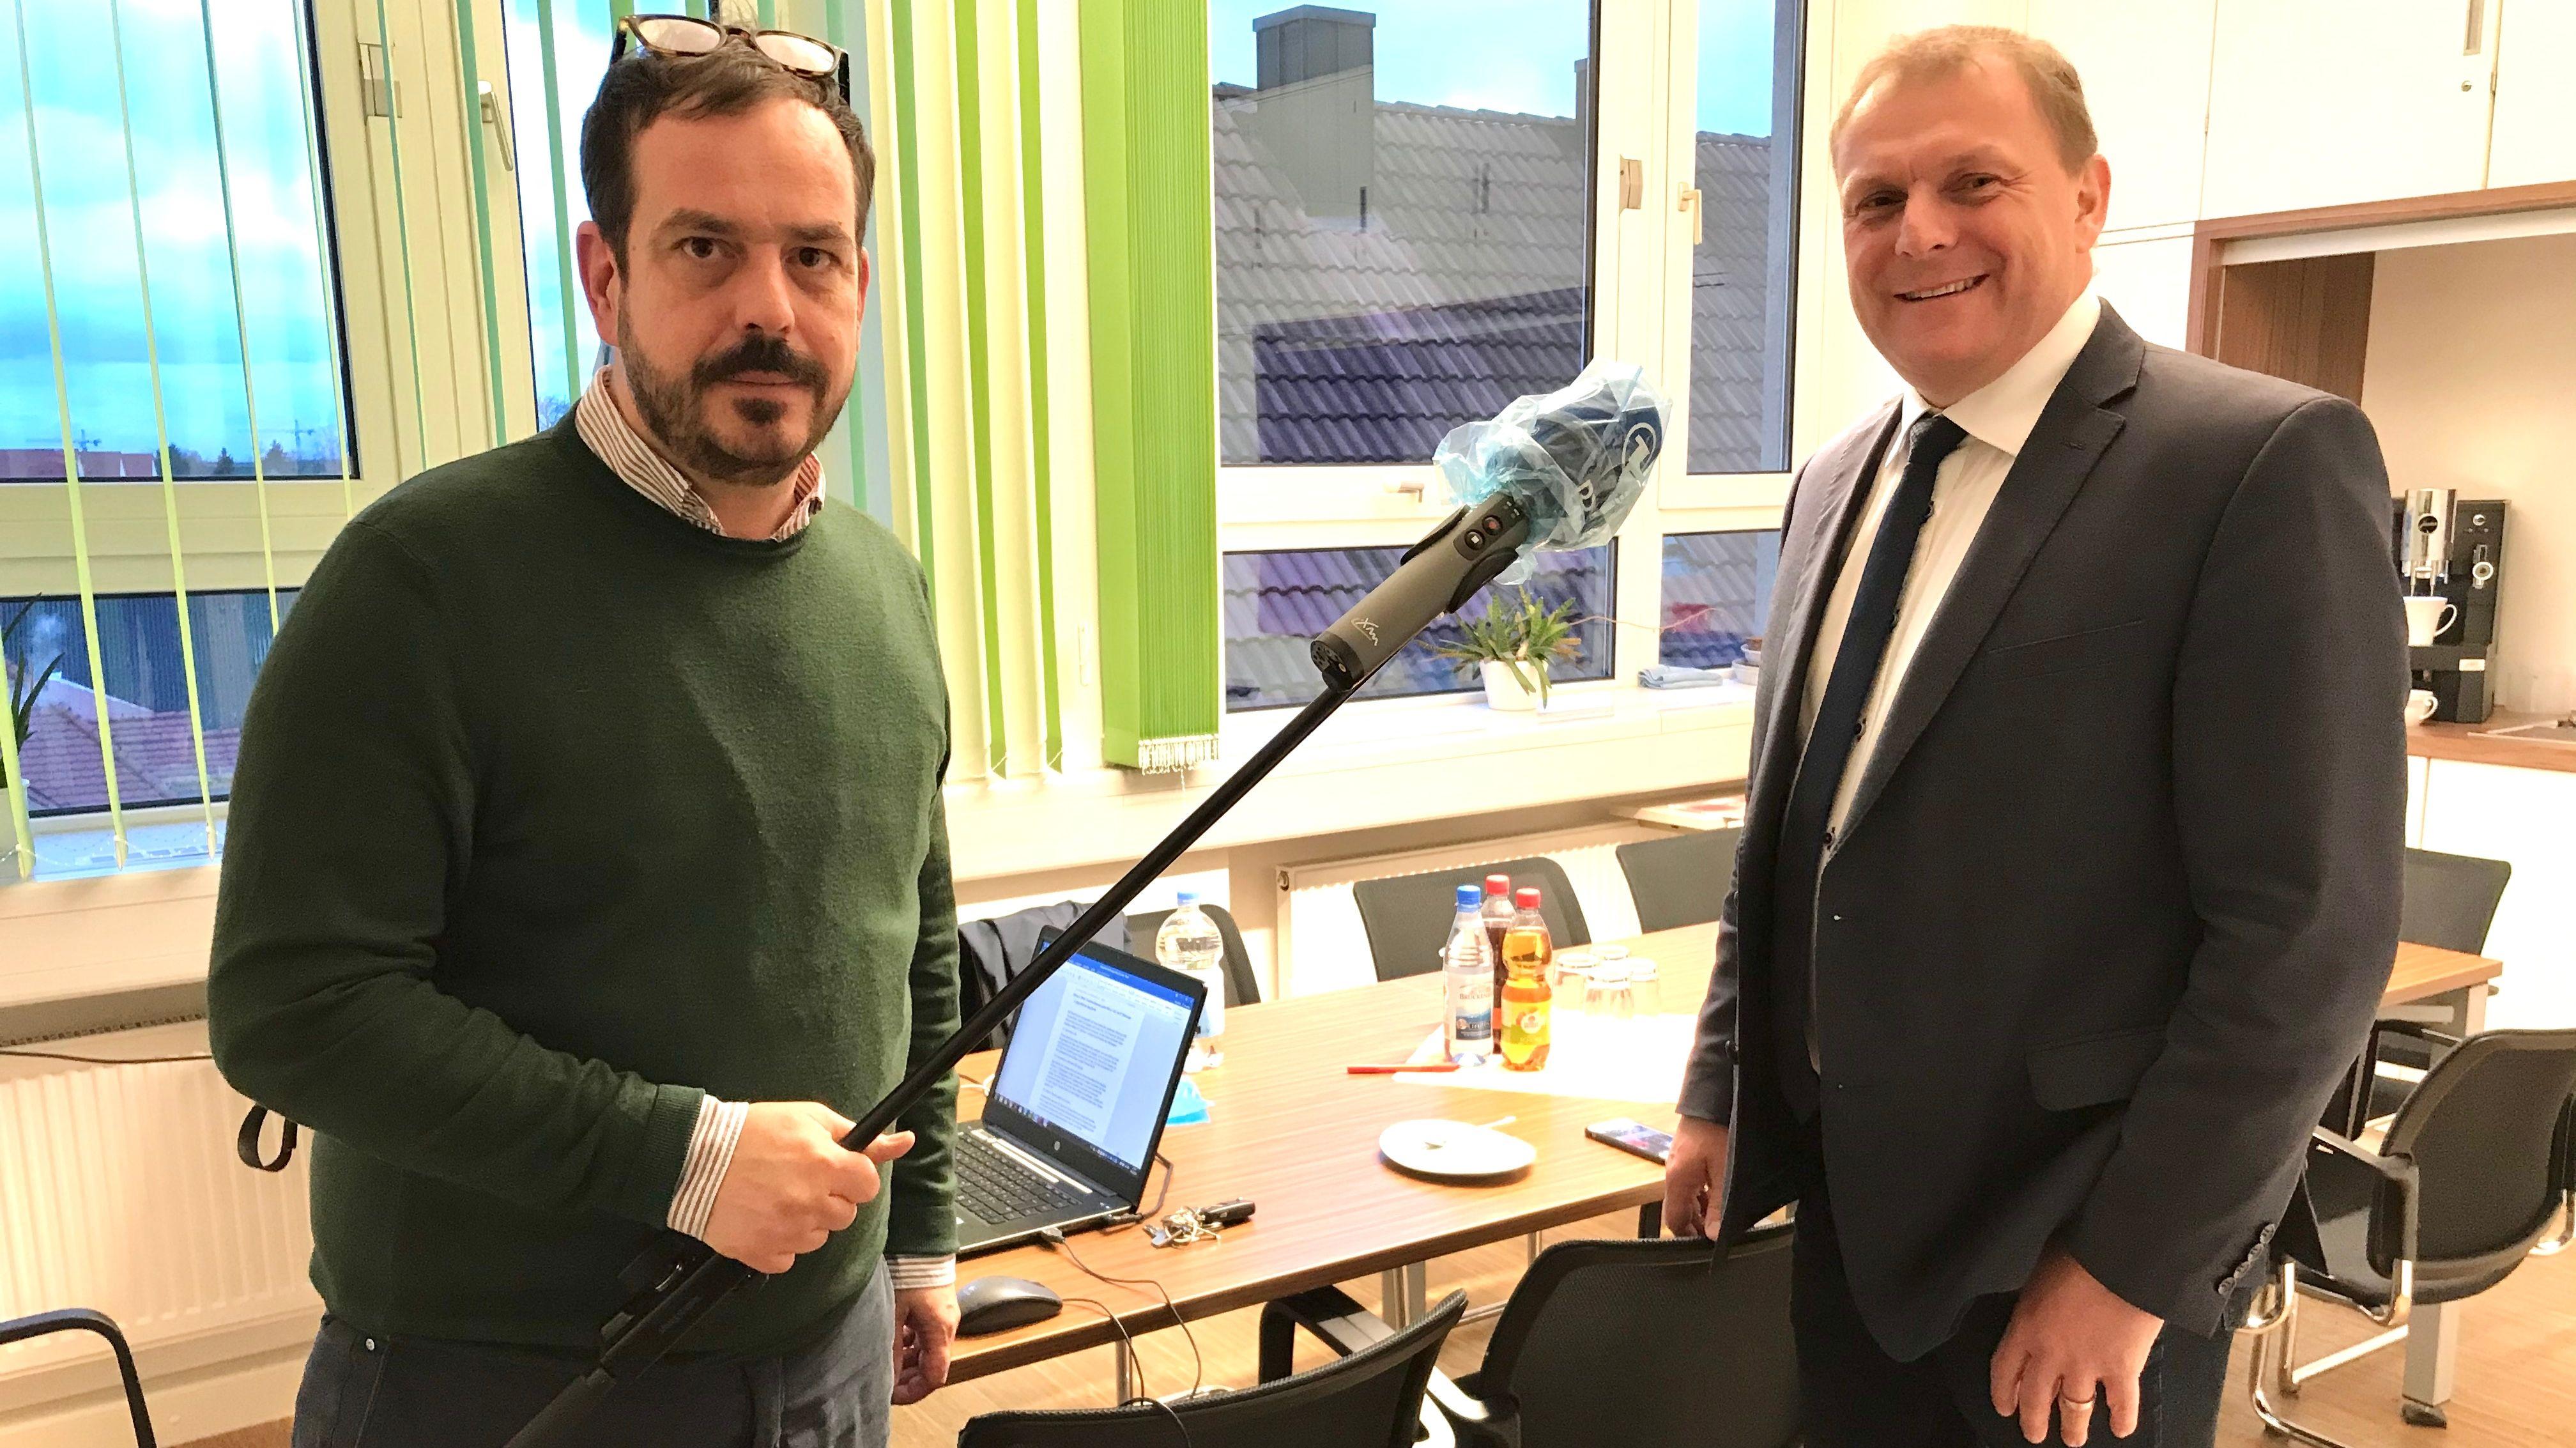 BR-Korrespondent Jochen Wobser im Gespräch mit Thomas Eberth